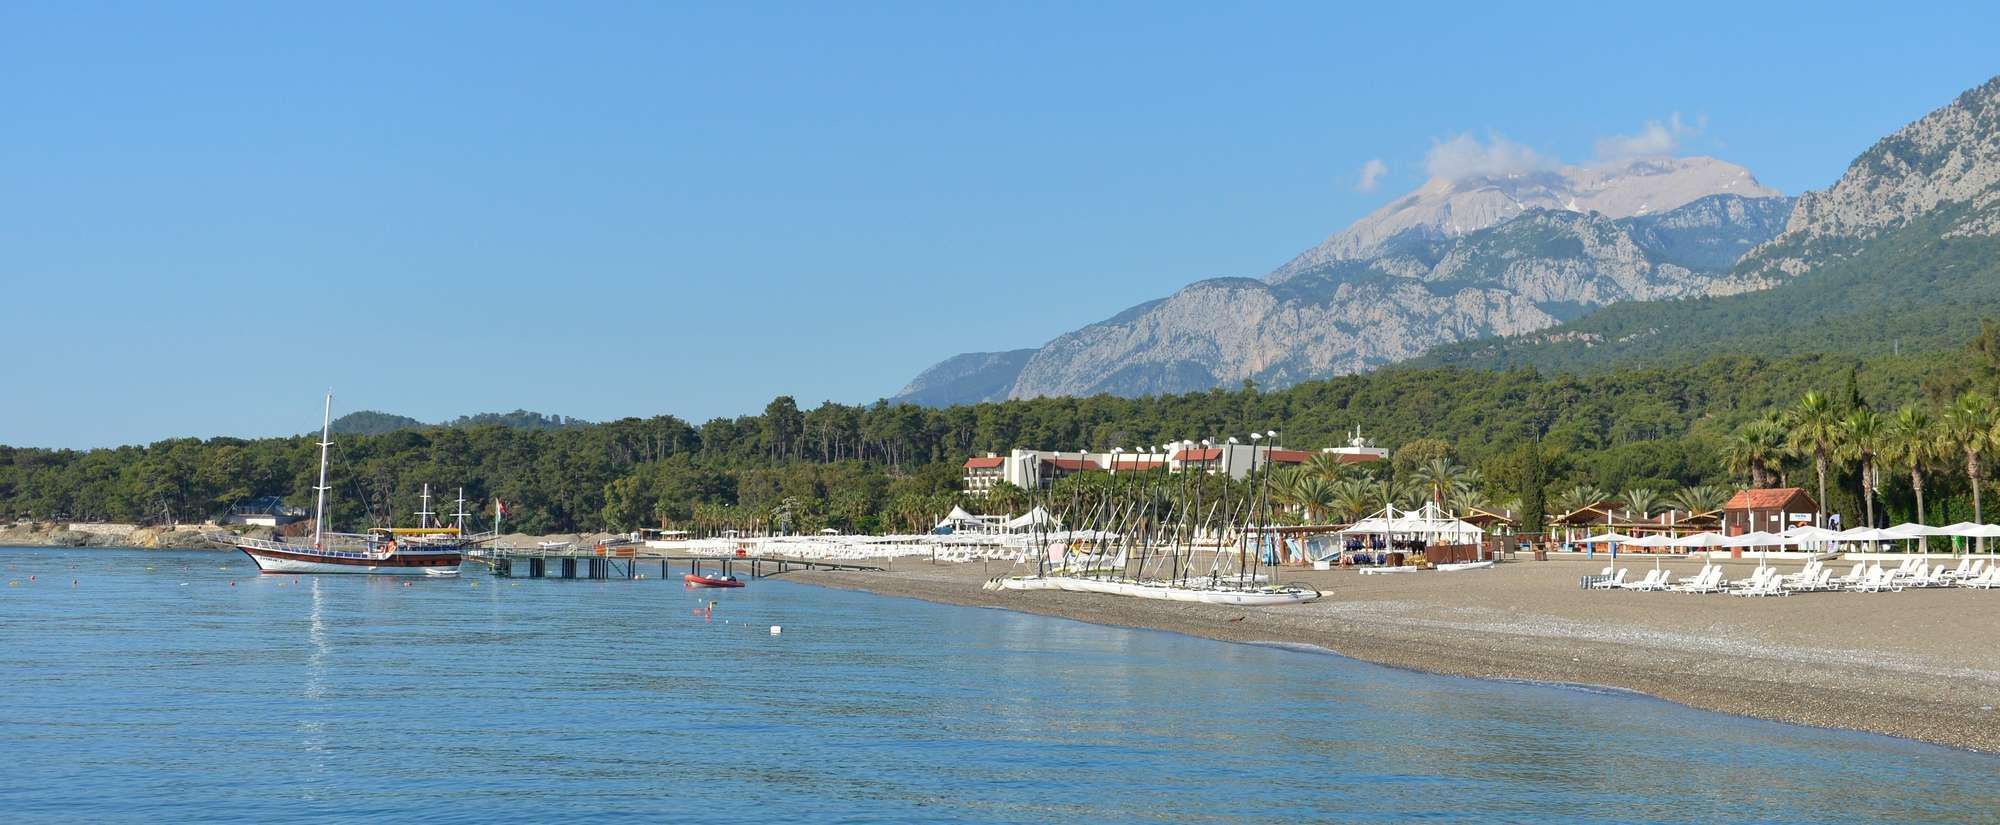 У Таврских гор на Средиземном море.